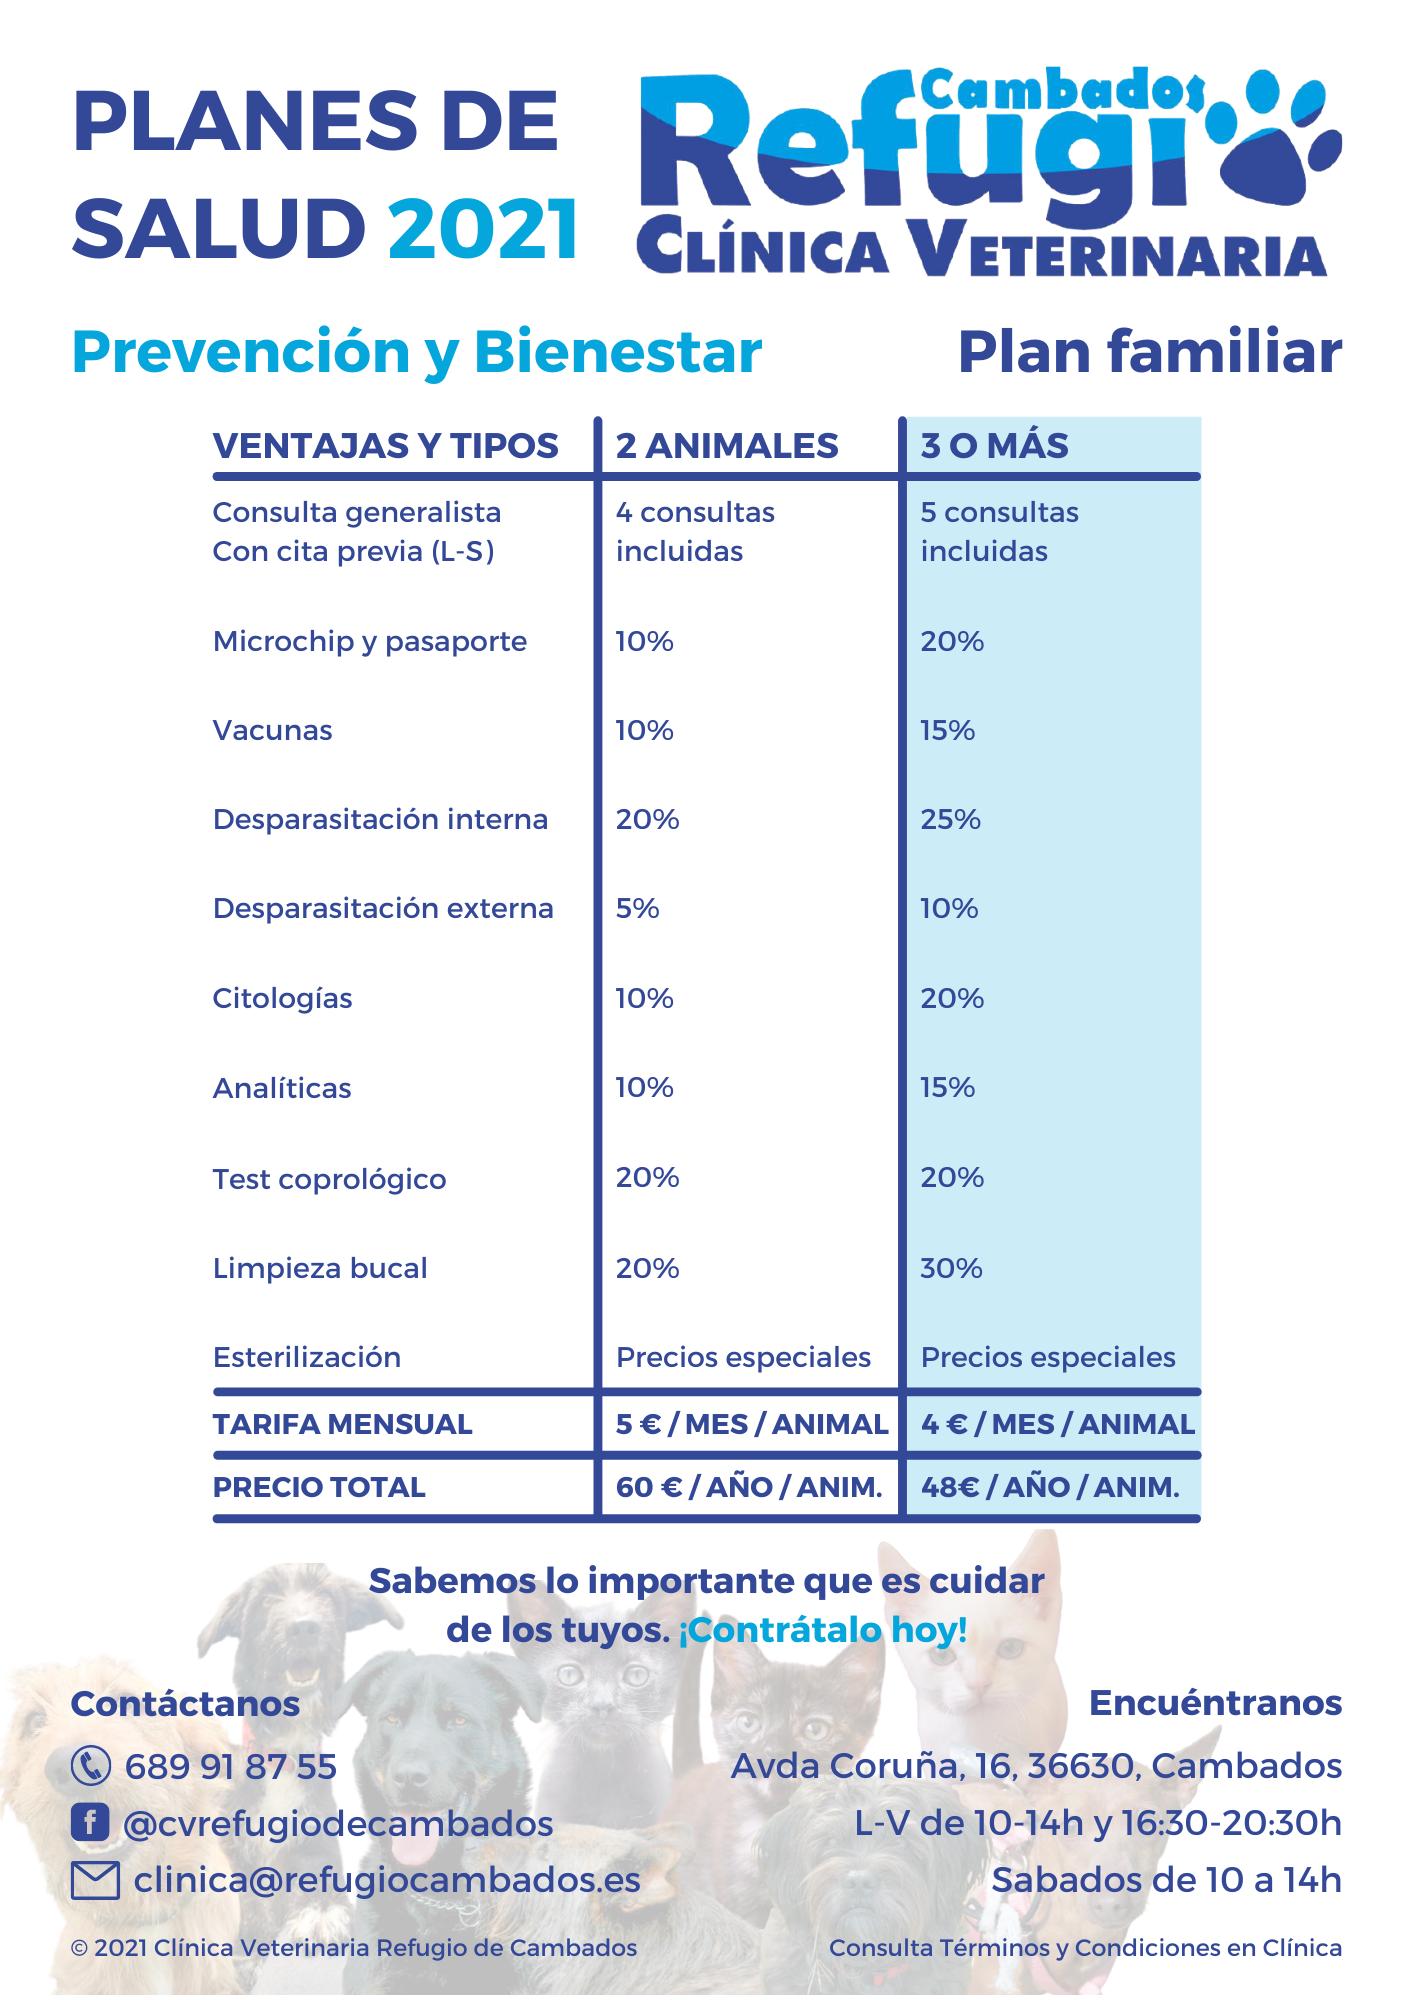 Planes de salud: plan familiar